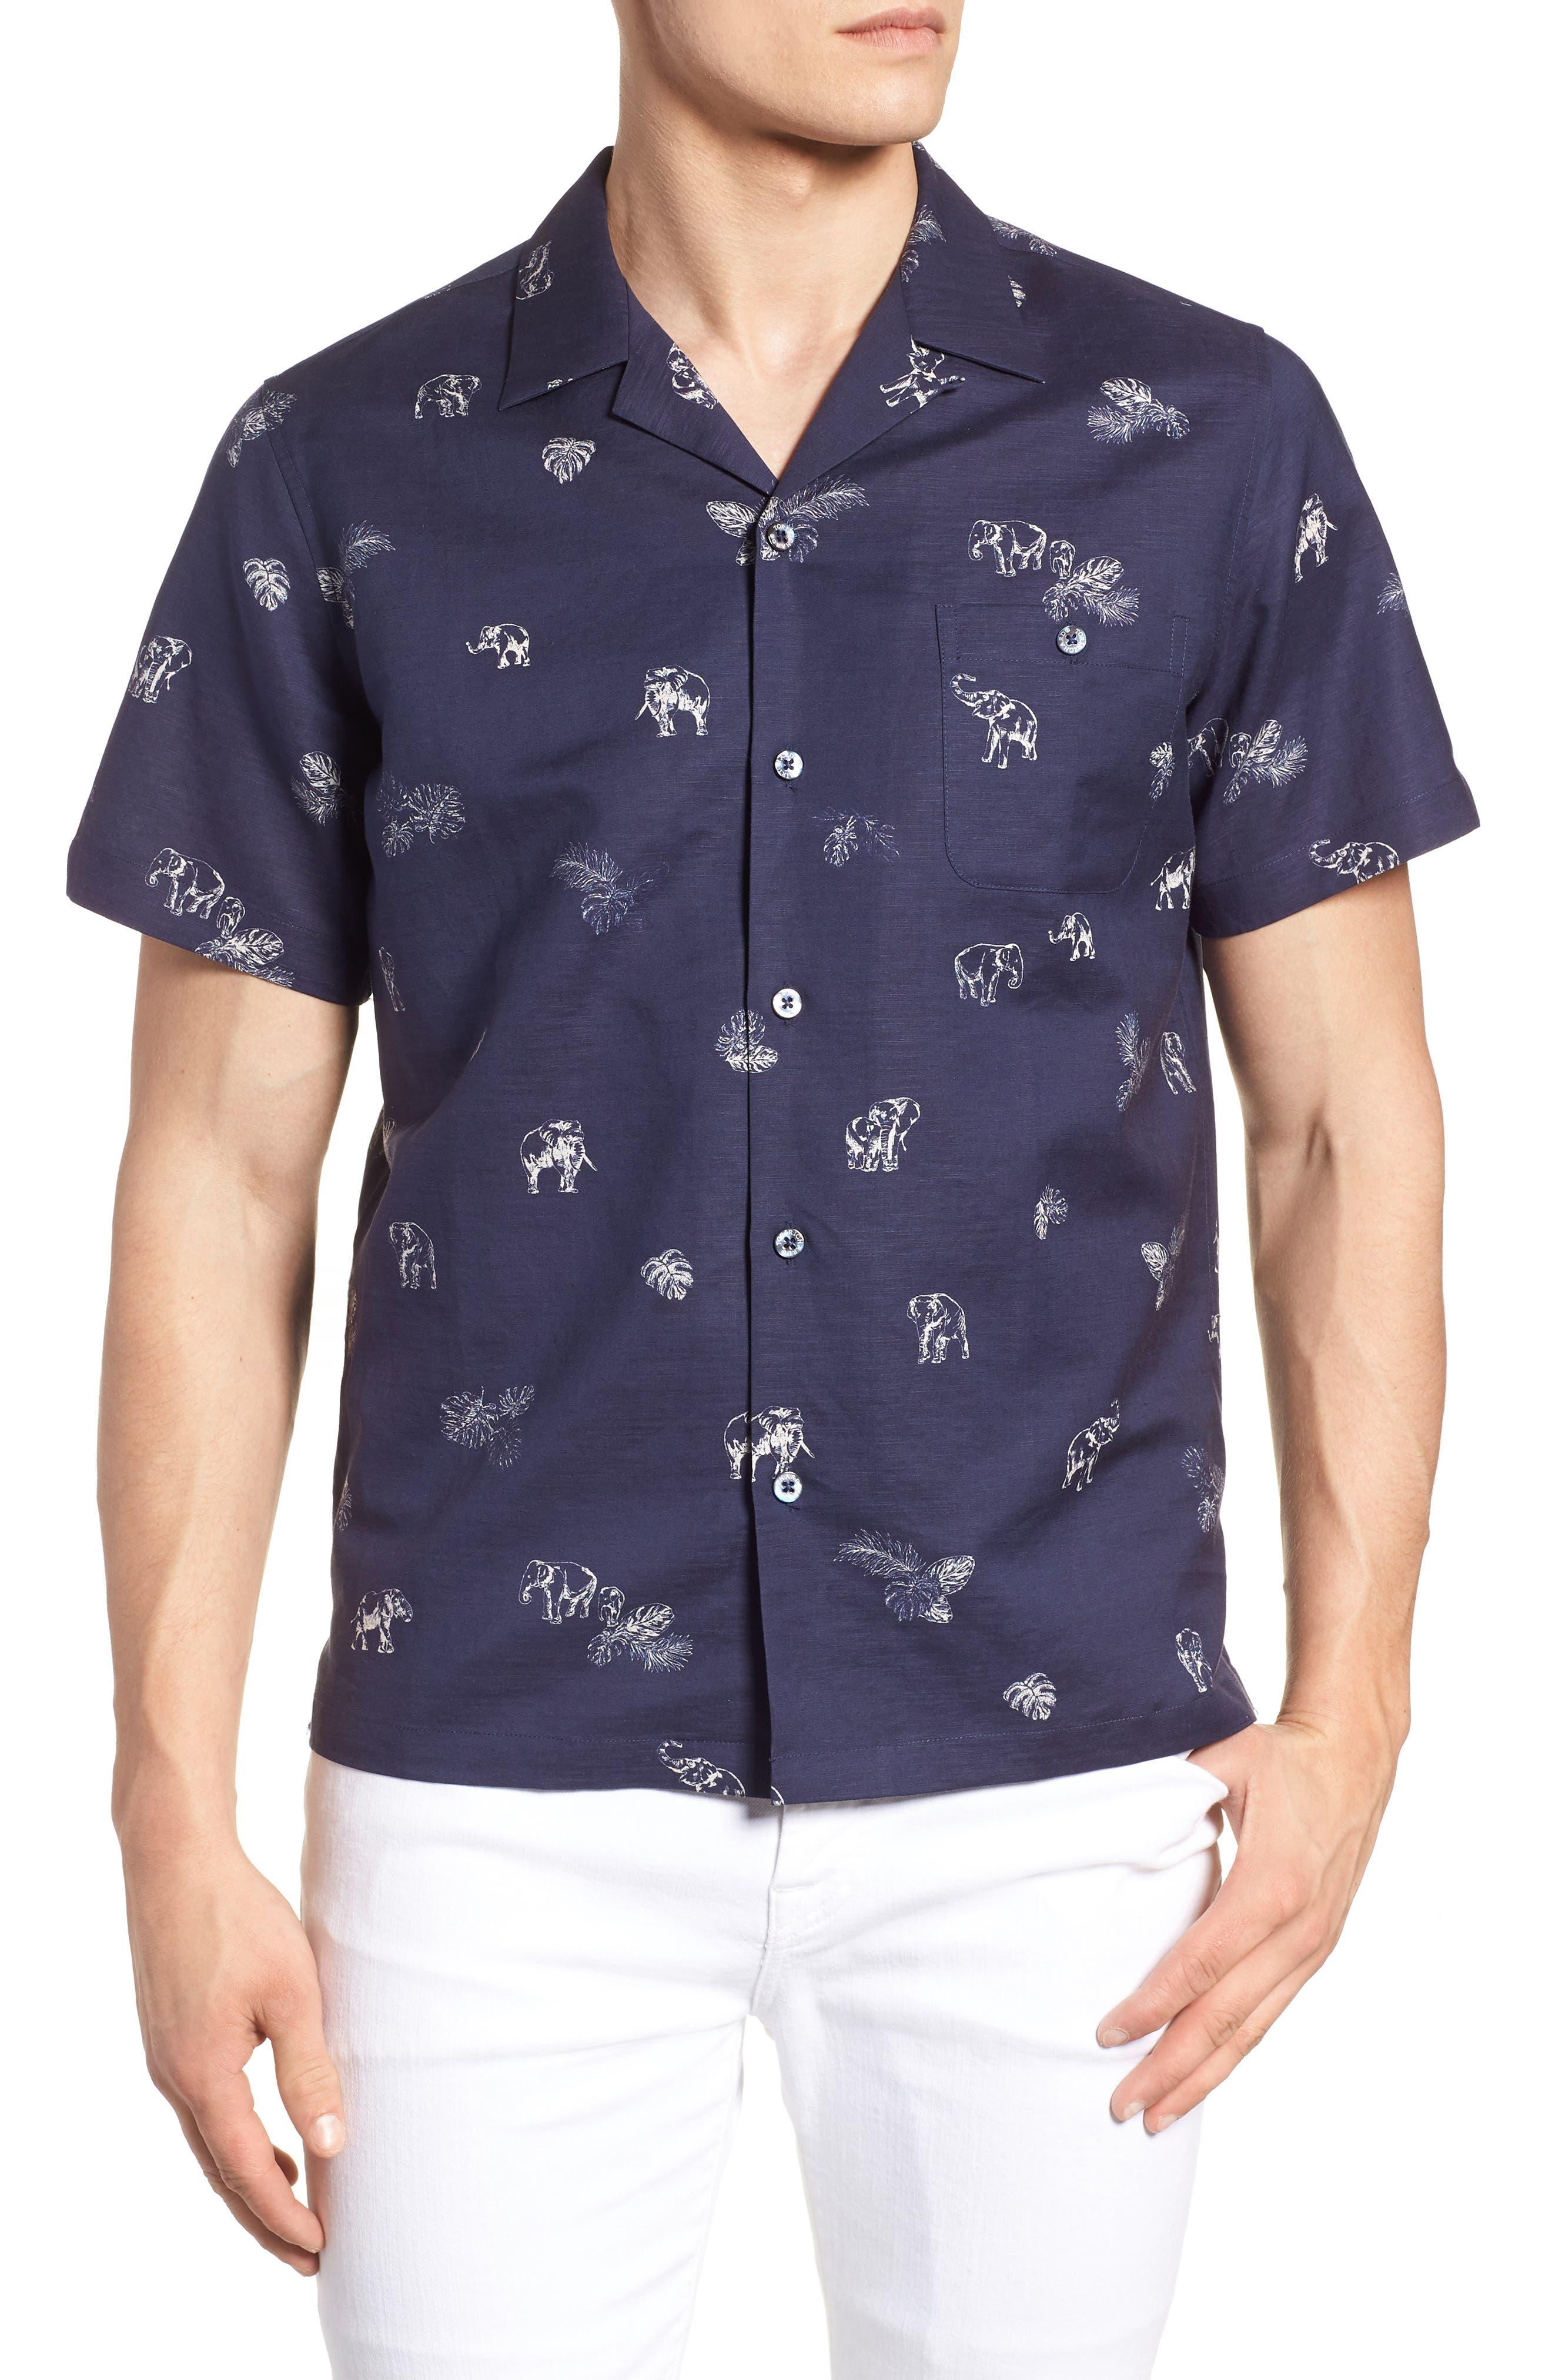 Sanctuary Trim Fit Linen & Cotton Camp Shirt,                             Main thumbnail 1, color,                             Navy